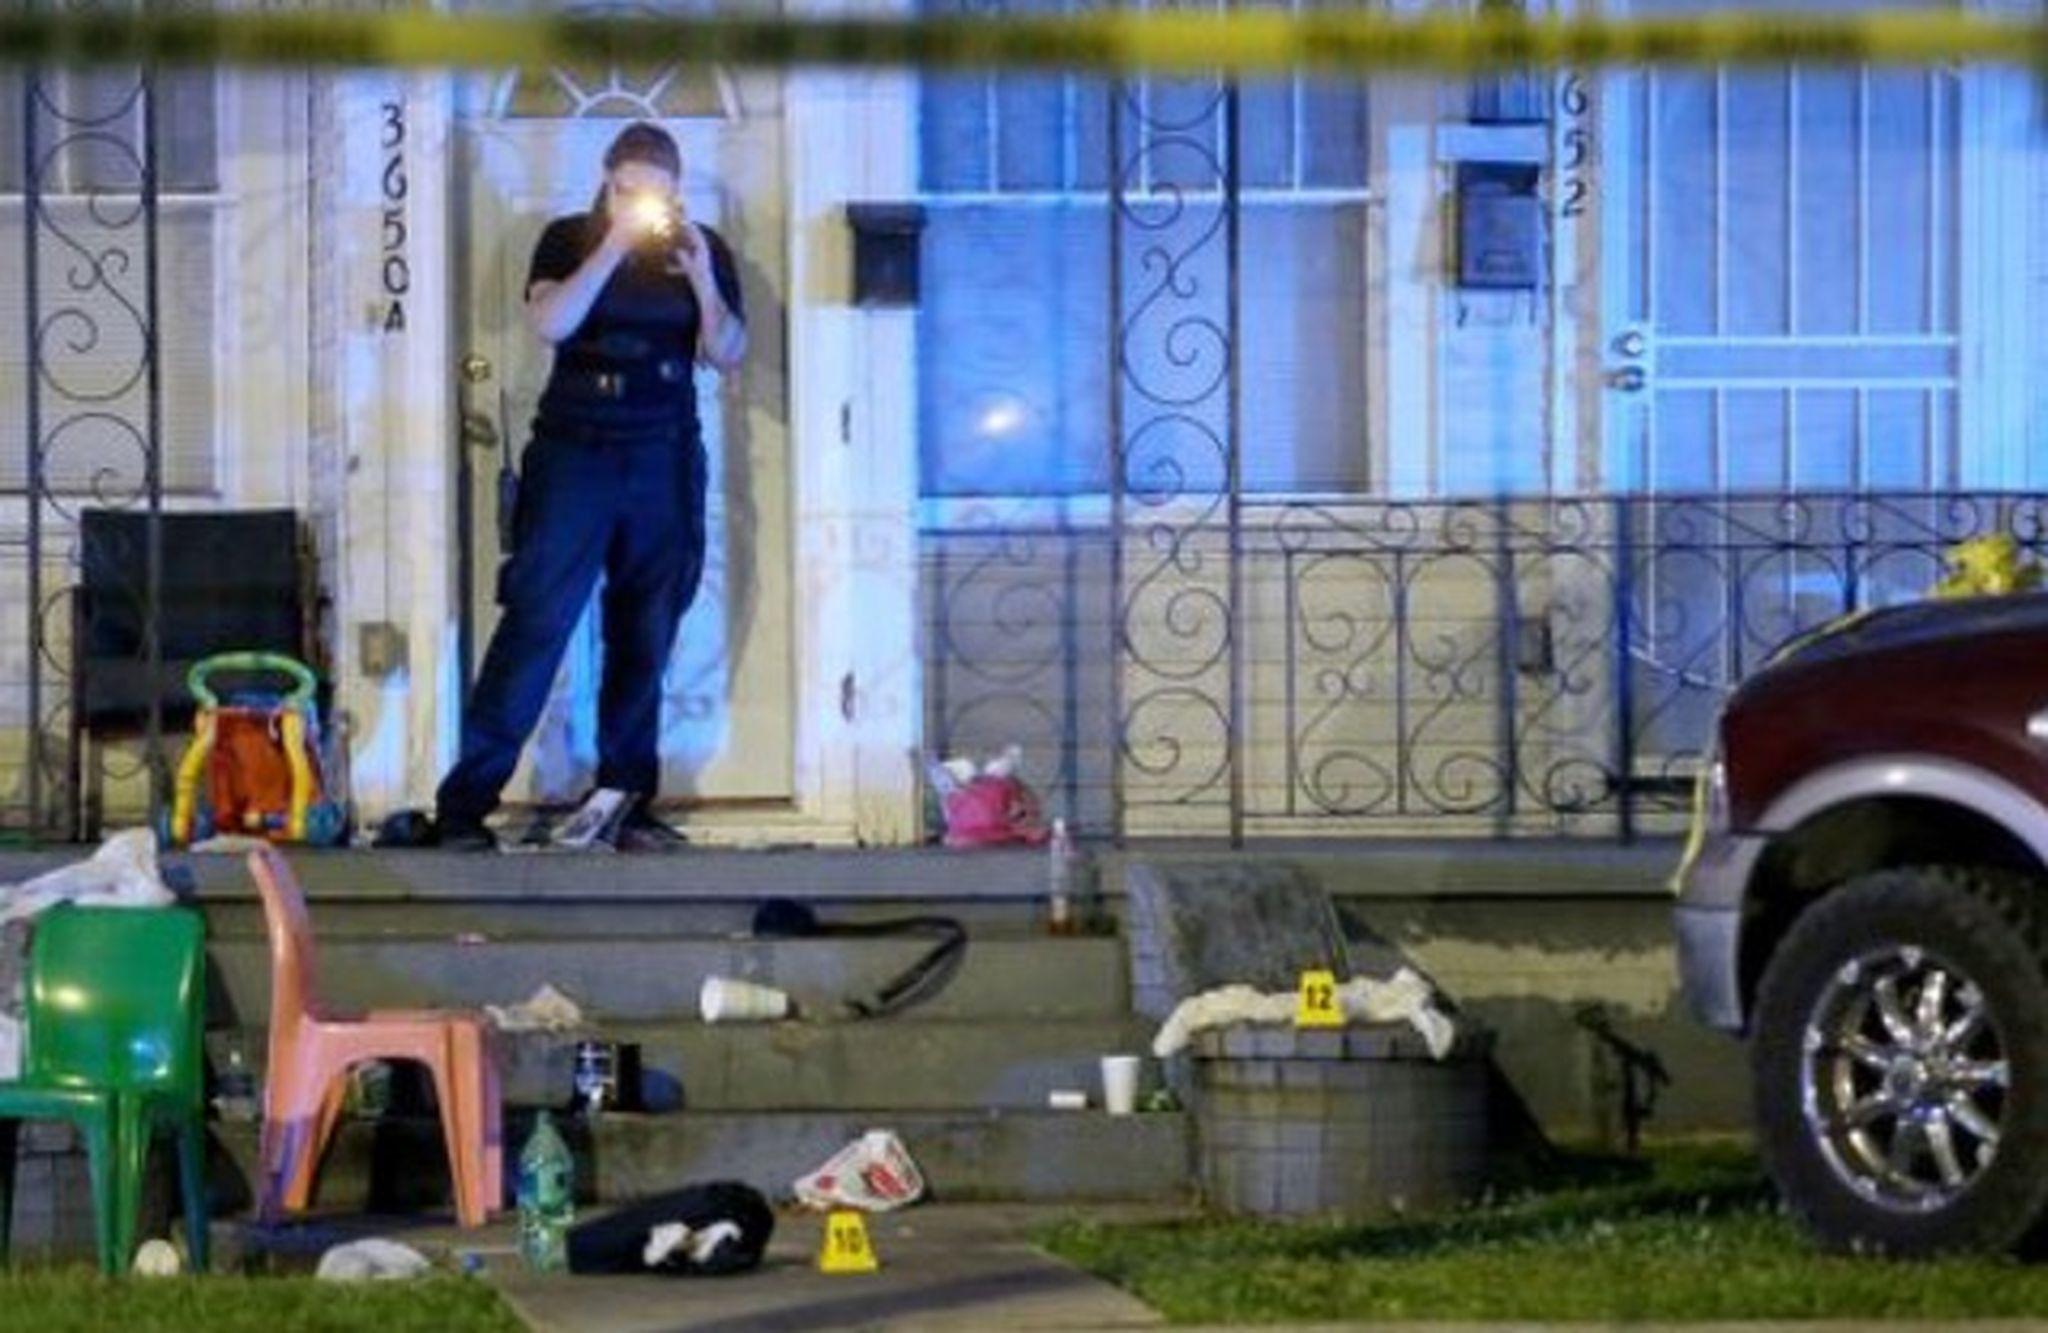 FullSizeRender48 L' Ambulancier : le site de référence EMS Nouvelle Orléans - Un ambulancier parmi les paramedics